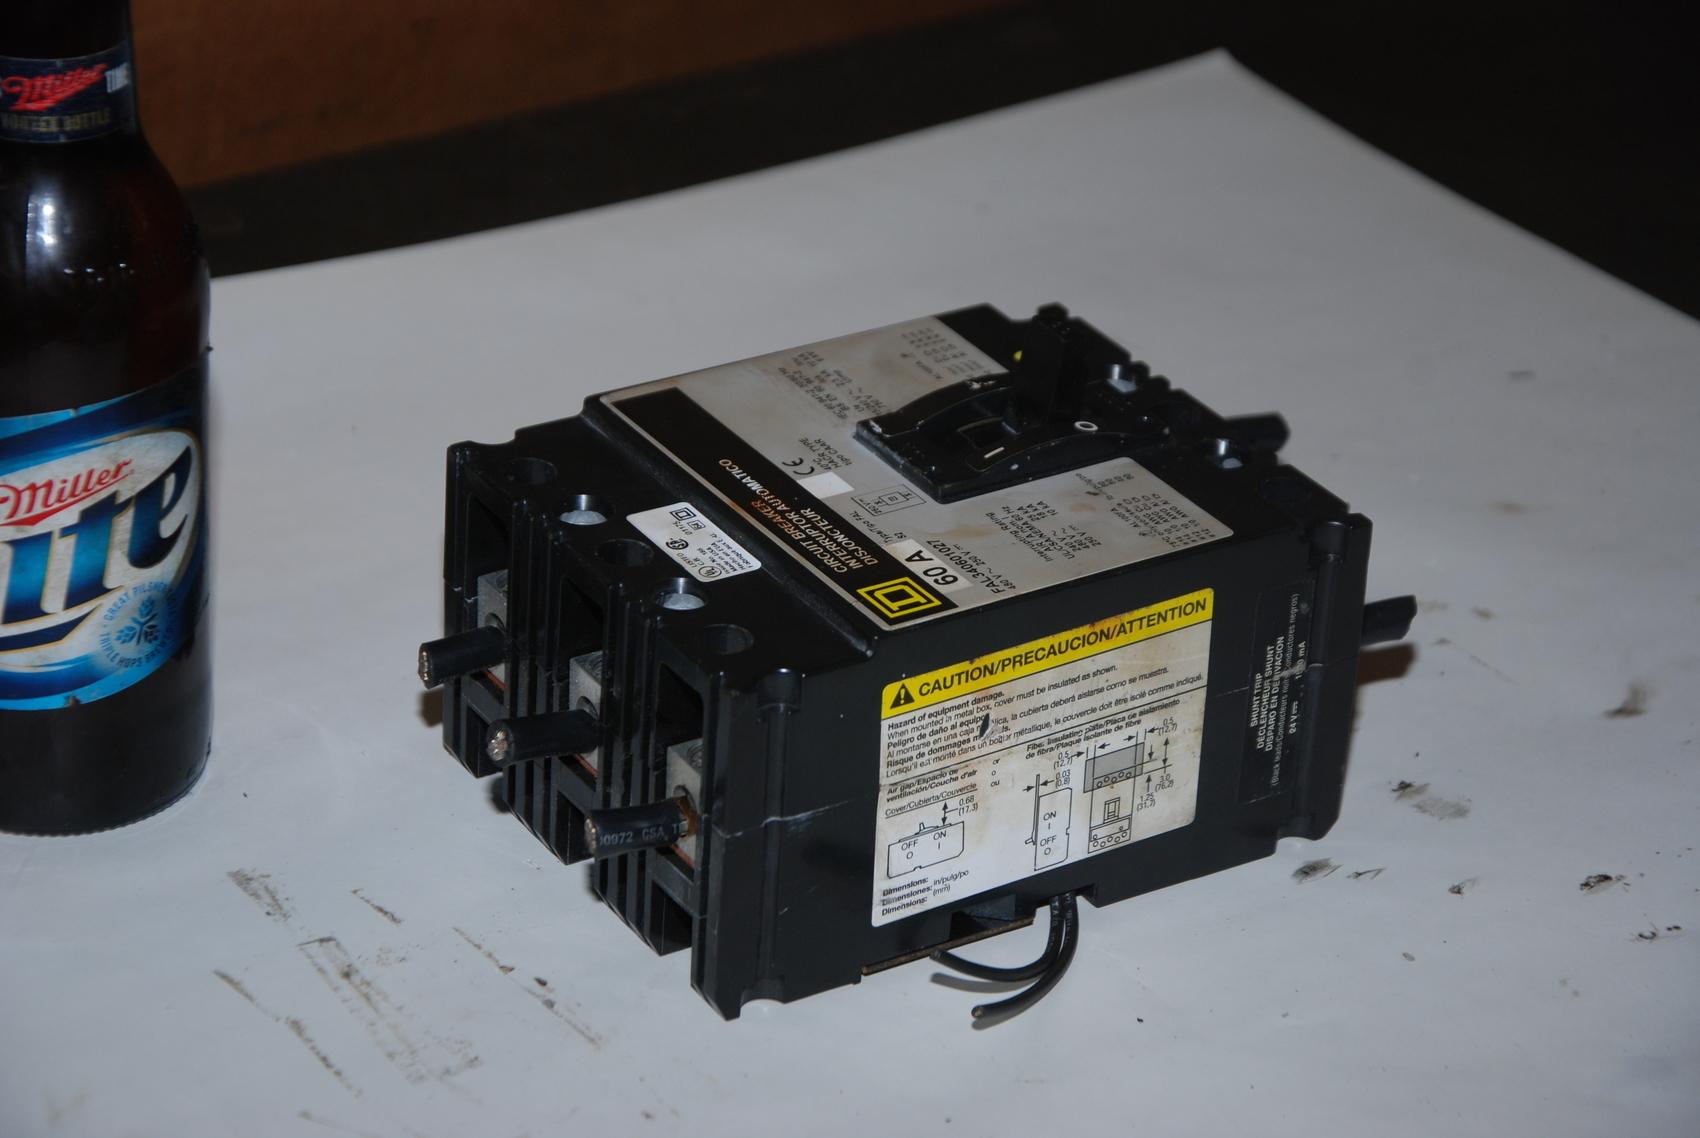 D FAL340601027 circuit Breaker 250V 480V 60A